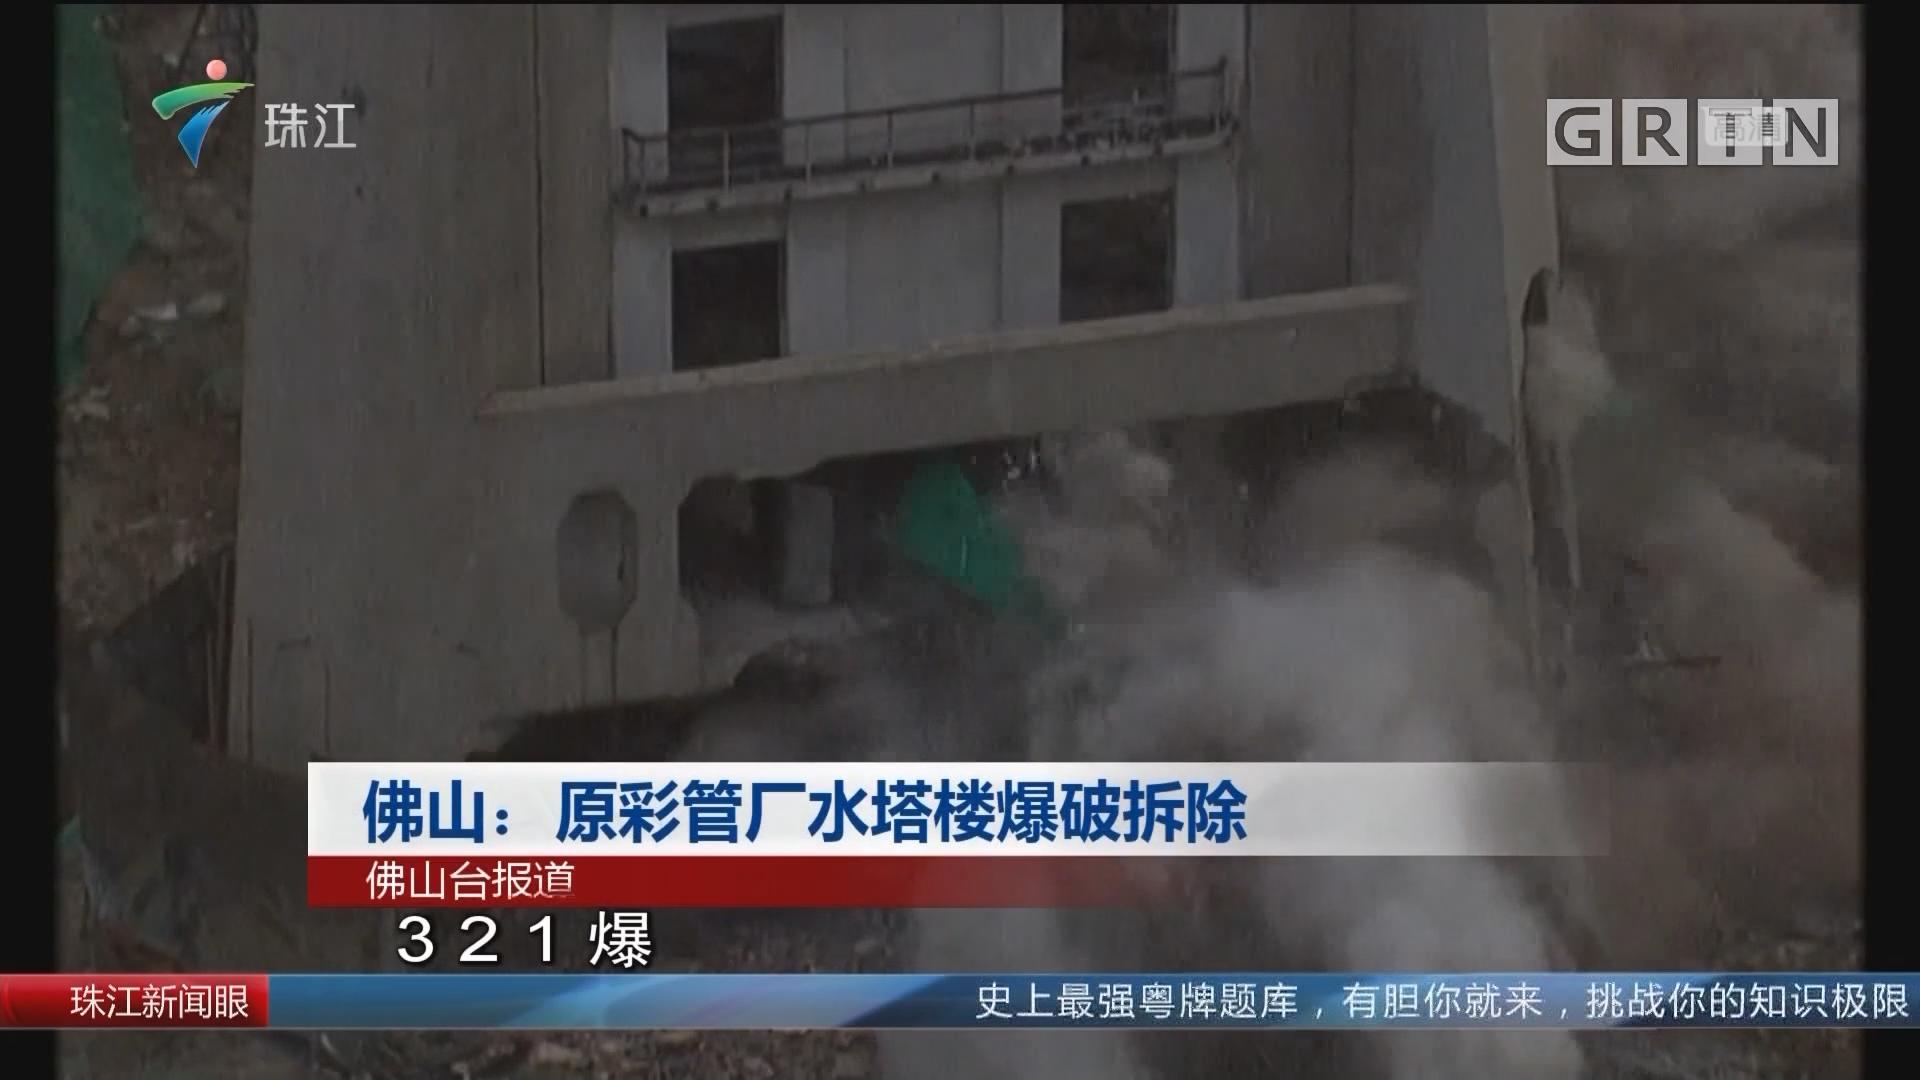 佛山:原彩管厂水塔楼爆破拆除